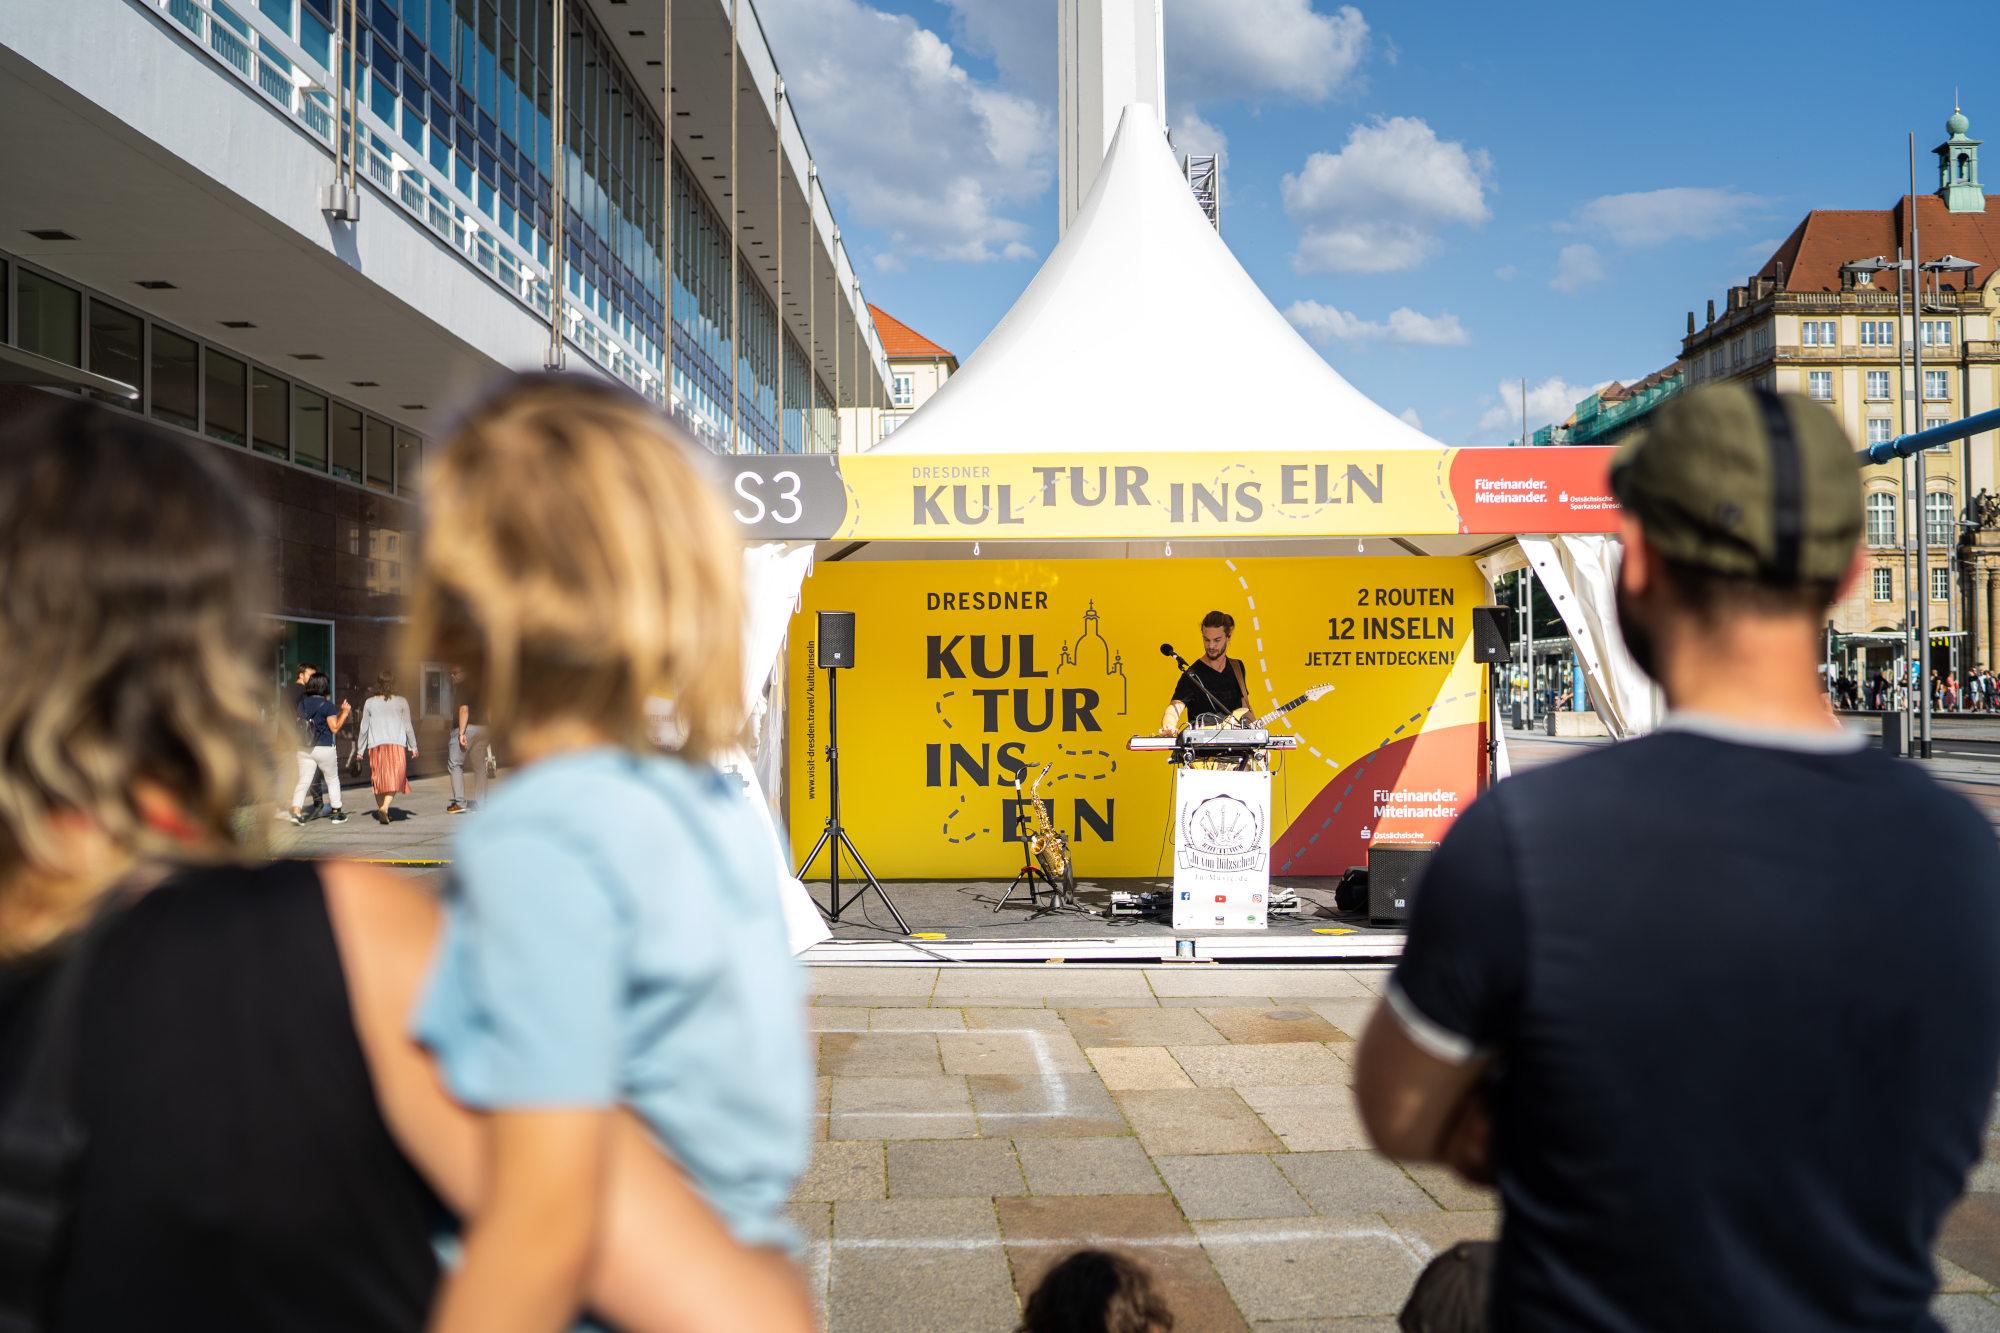 Dresdner Kulturinseln Kulturpalast